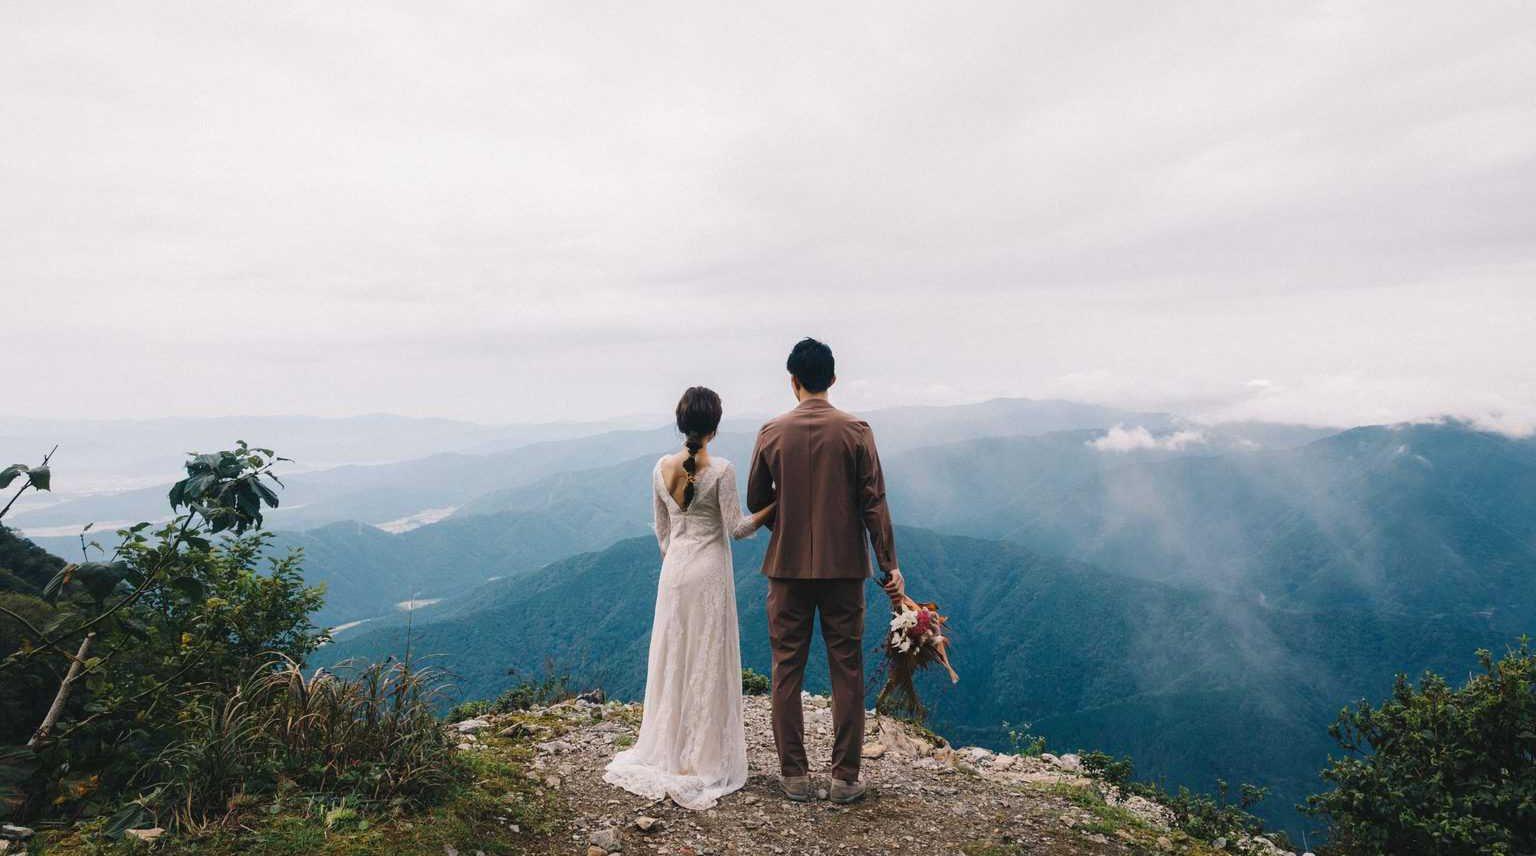 おしゃれな結婚式を挙げたい花嫁必見!オリジナルウェディングを上手に叶える方法って?のカバー写真 0.5572916666666666